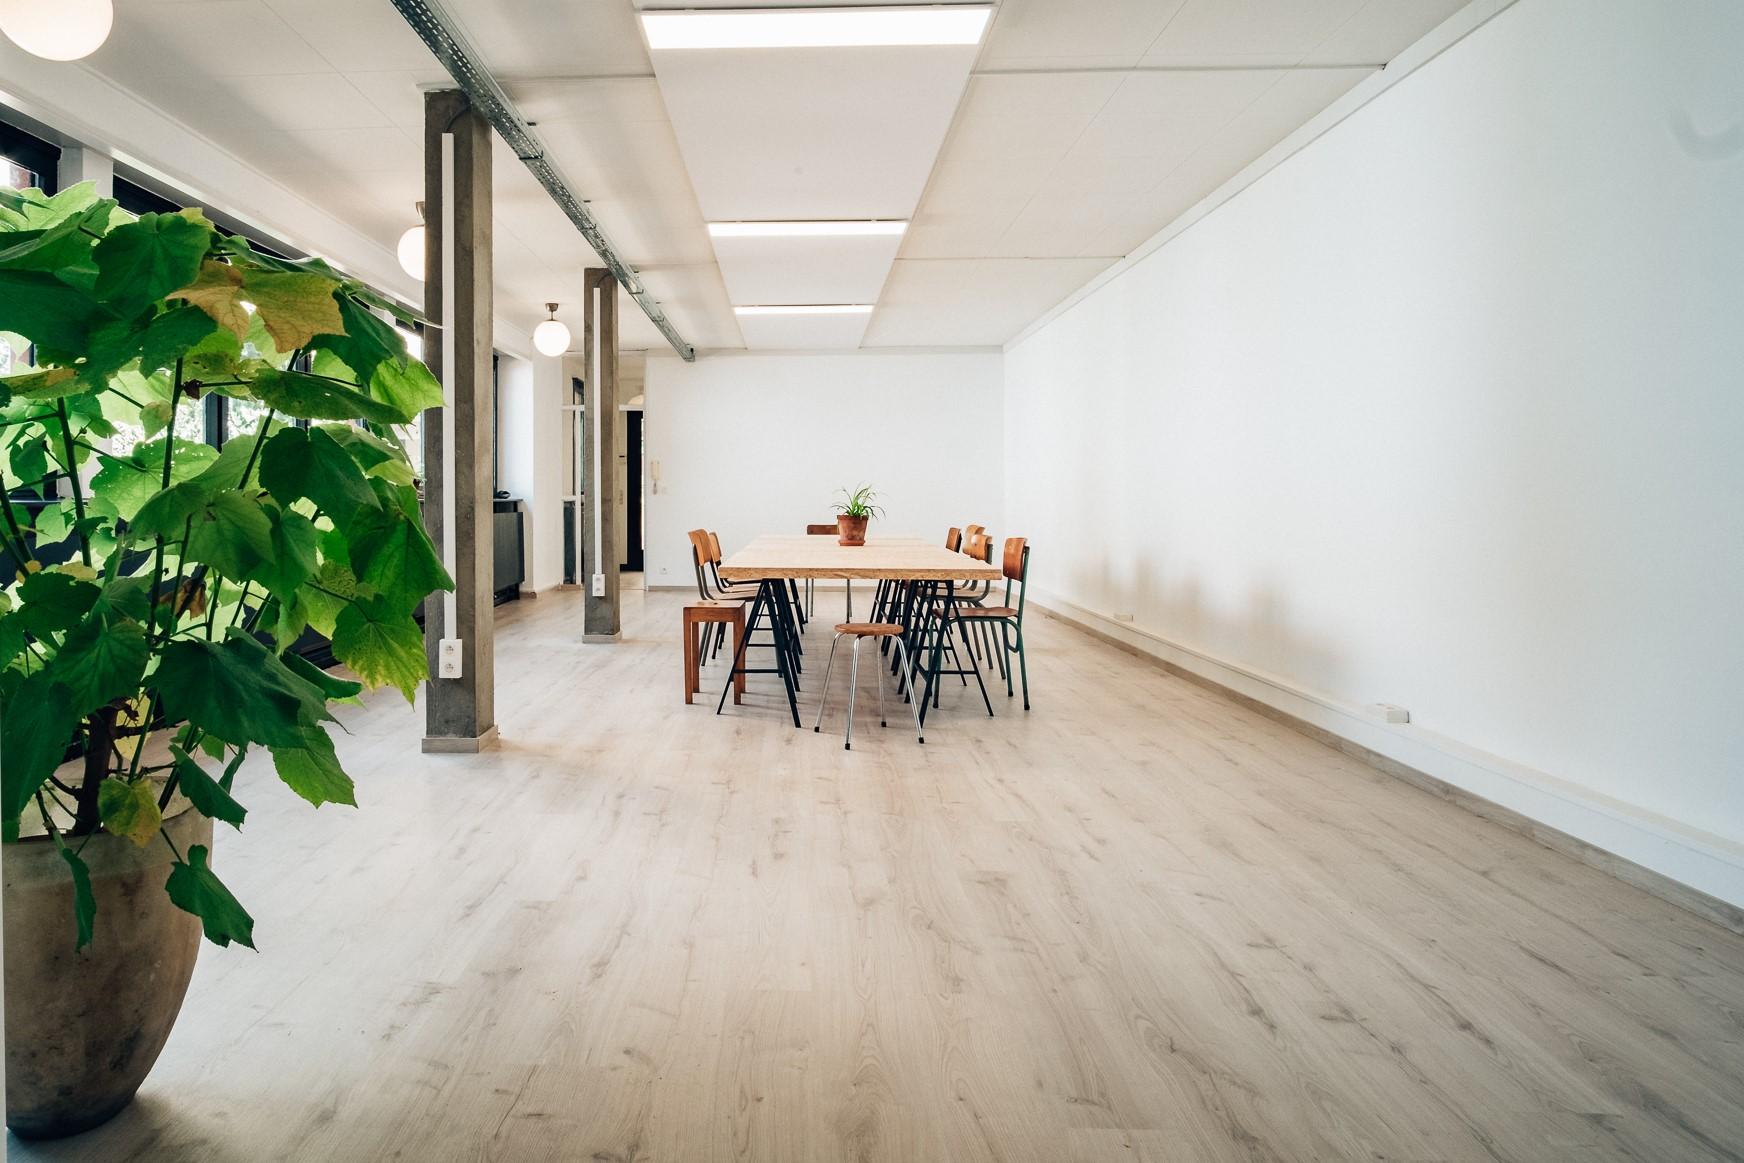 Zaal huren in Antwerpen - The Floor 2